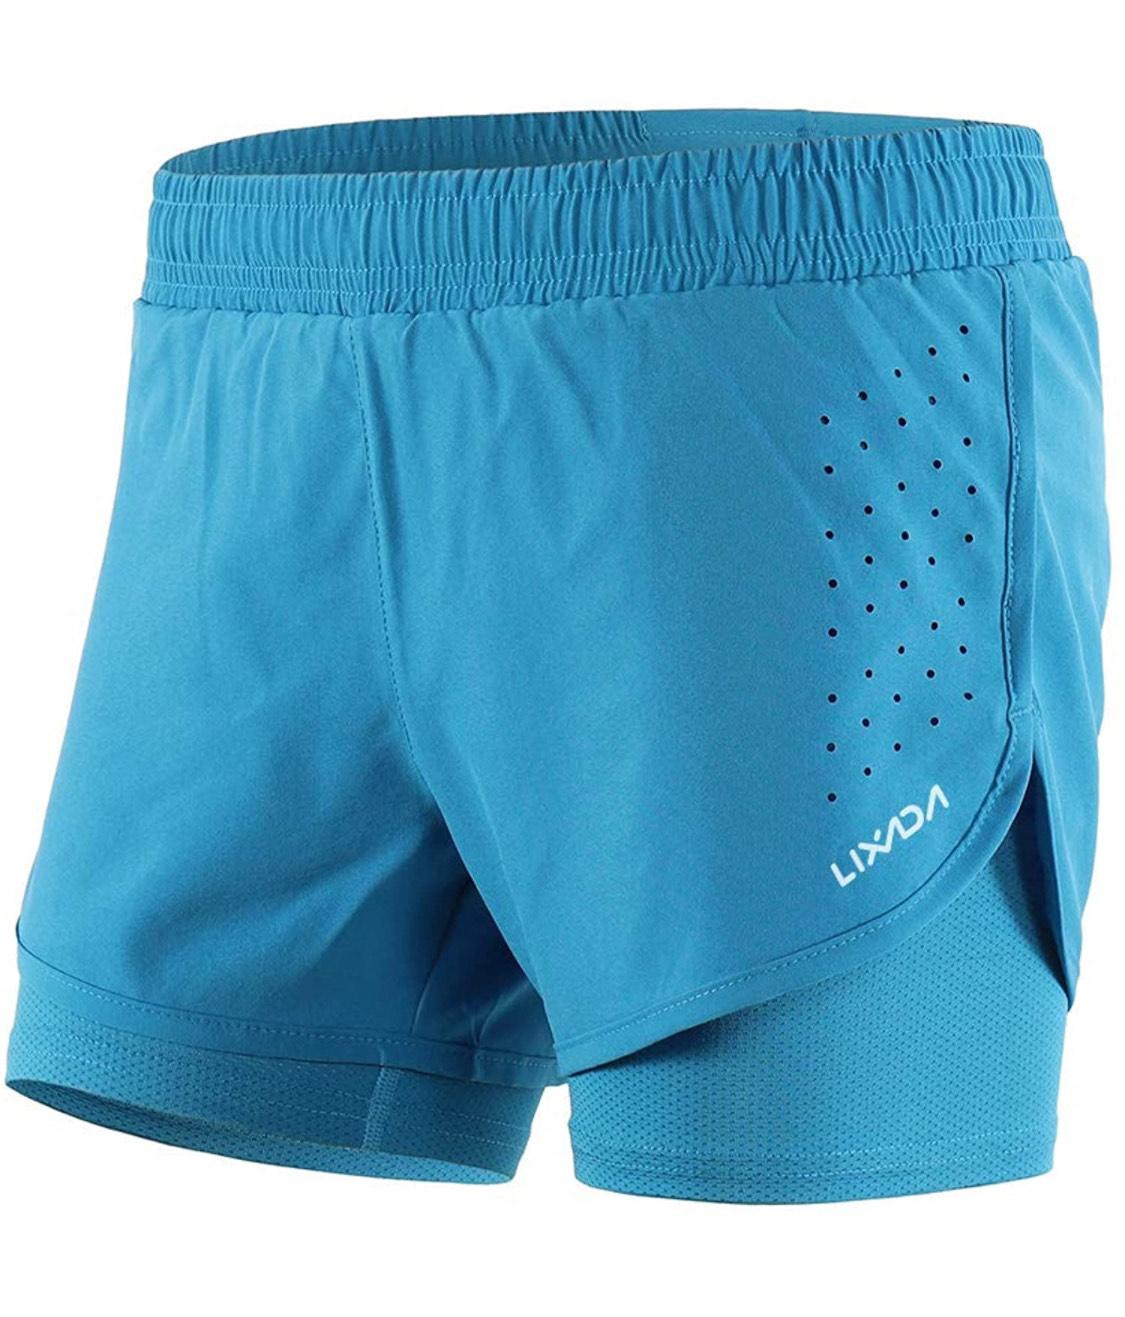 Pantalones deporte 2 en 1 mujer talla L (otras tallas disponibles pero poco stock)